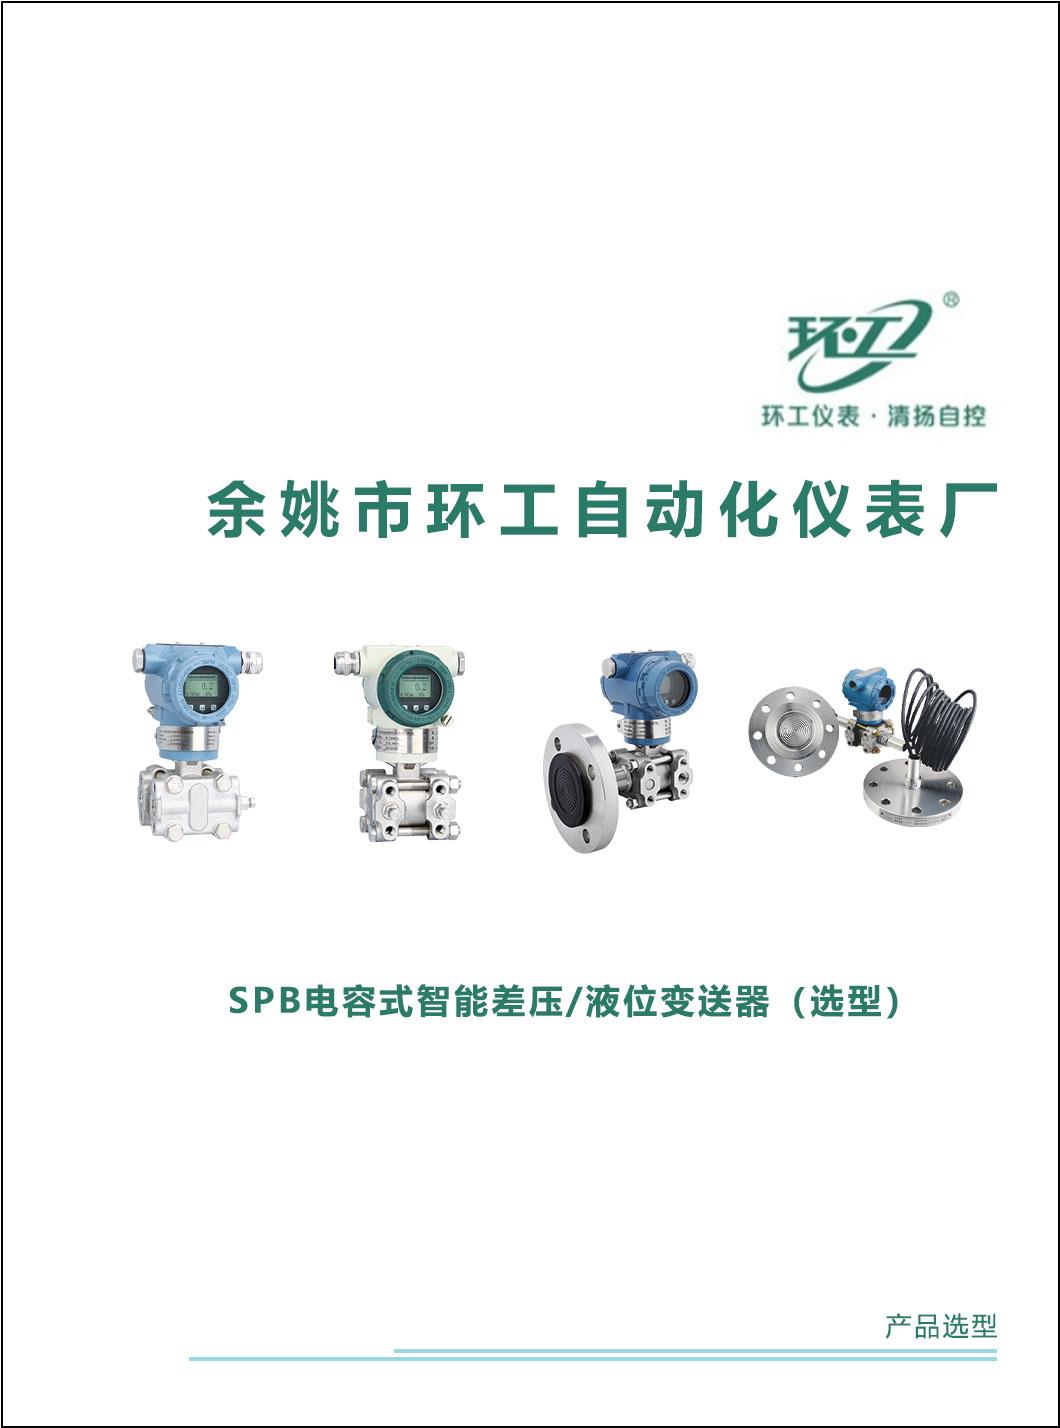 SPB电容式智能差压/液位变送器-环工仪表-清扬自控